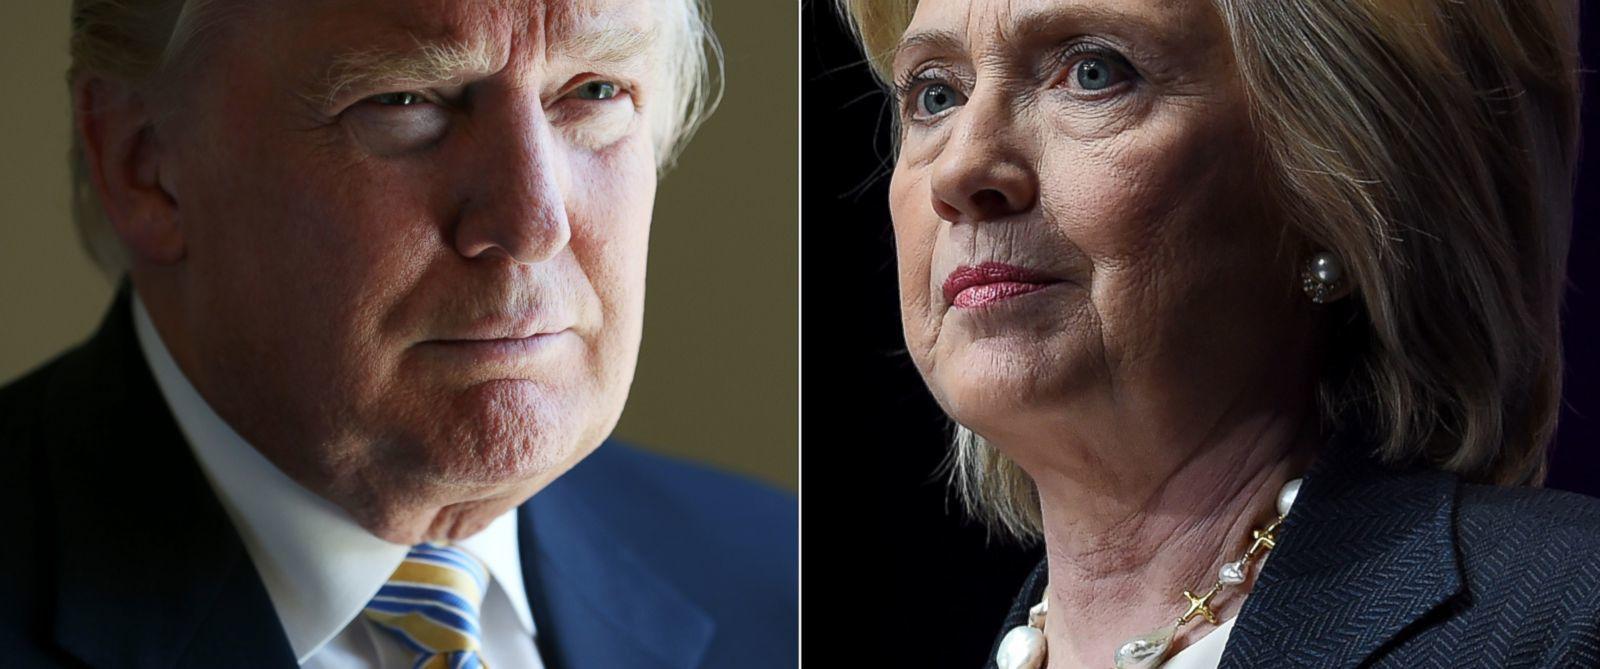 Donald Trump et Hillary Clinton débattent sur Poutine (Vidéo)